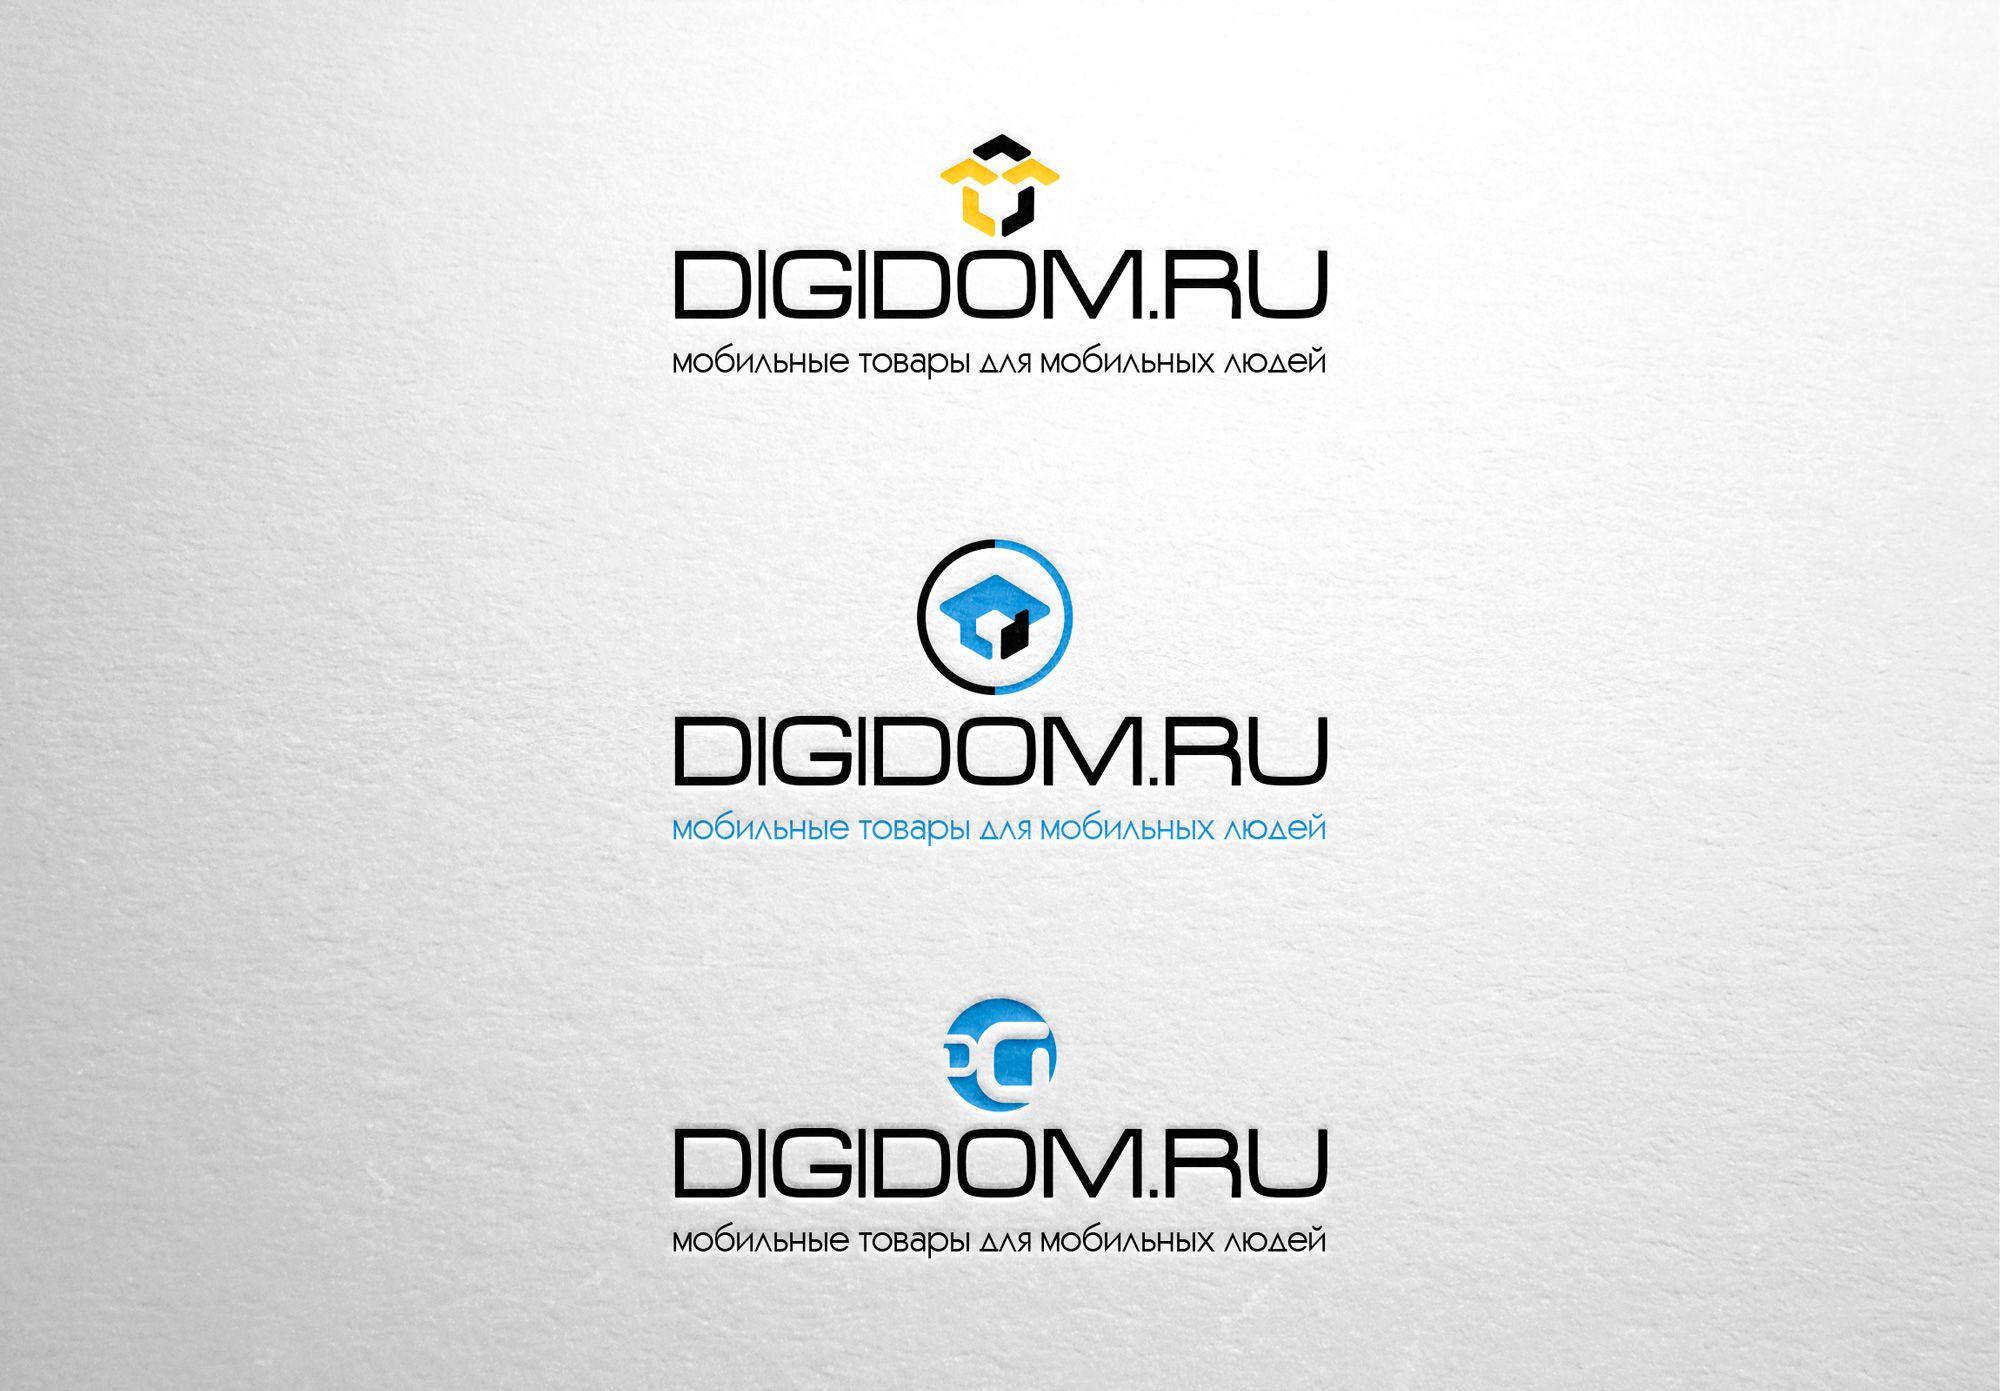 Логотип интернет-магазина мобильных устройств - дизайнер Barbagorga